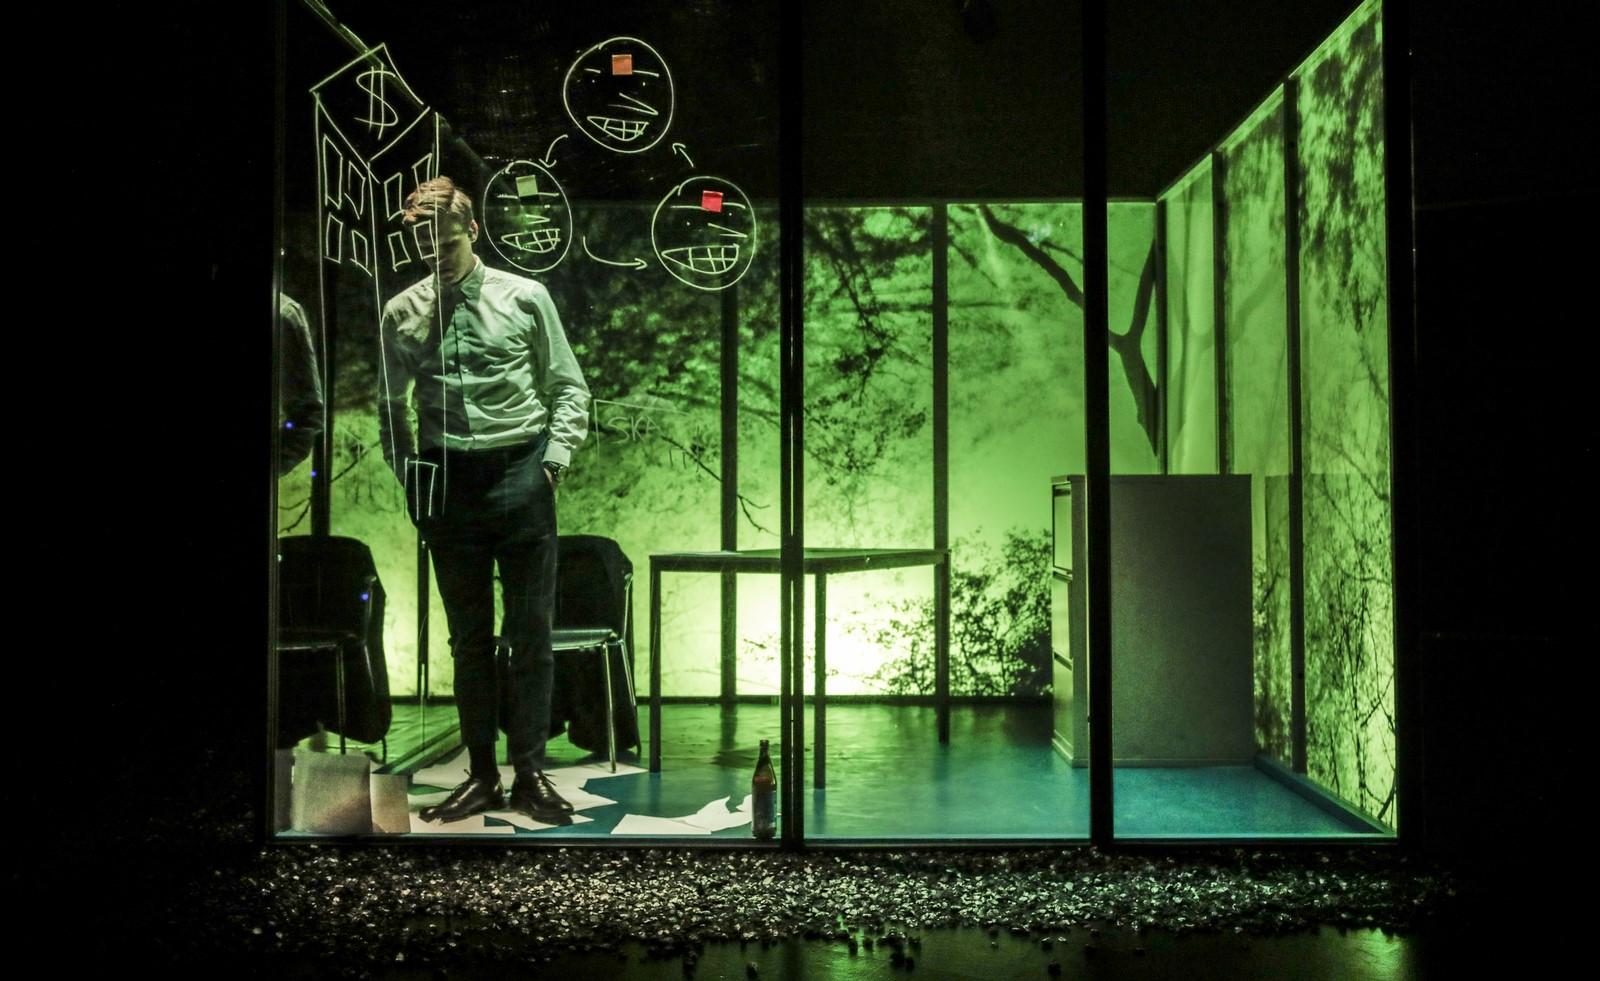 Anmeldelse: Insideren, Teater Katapult